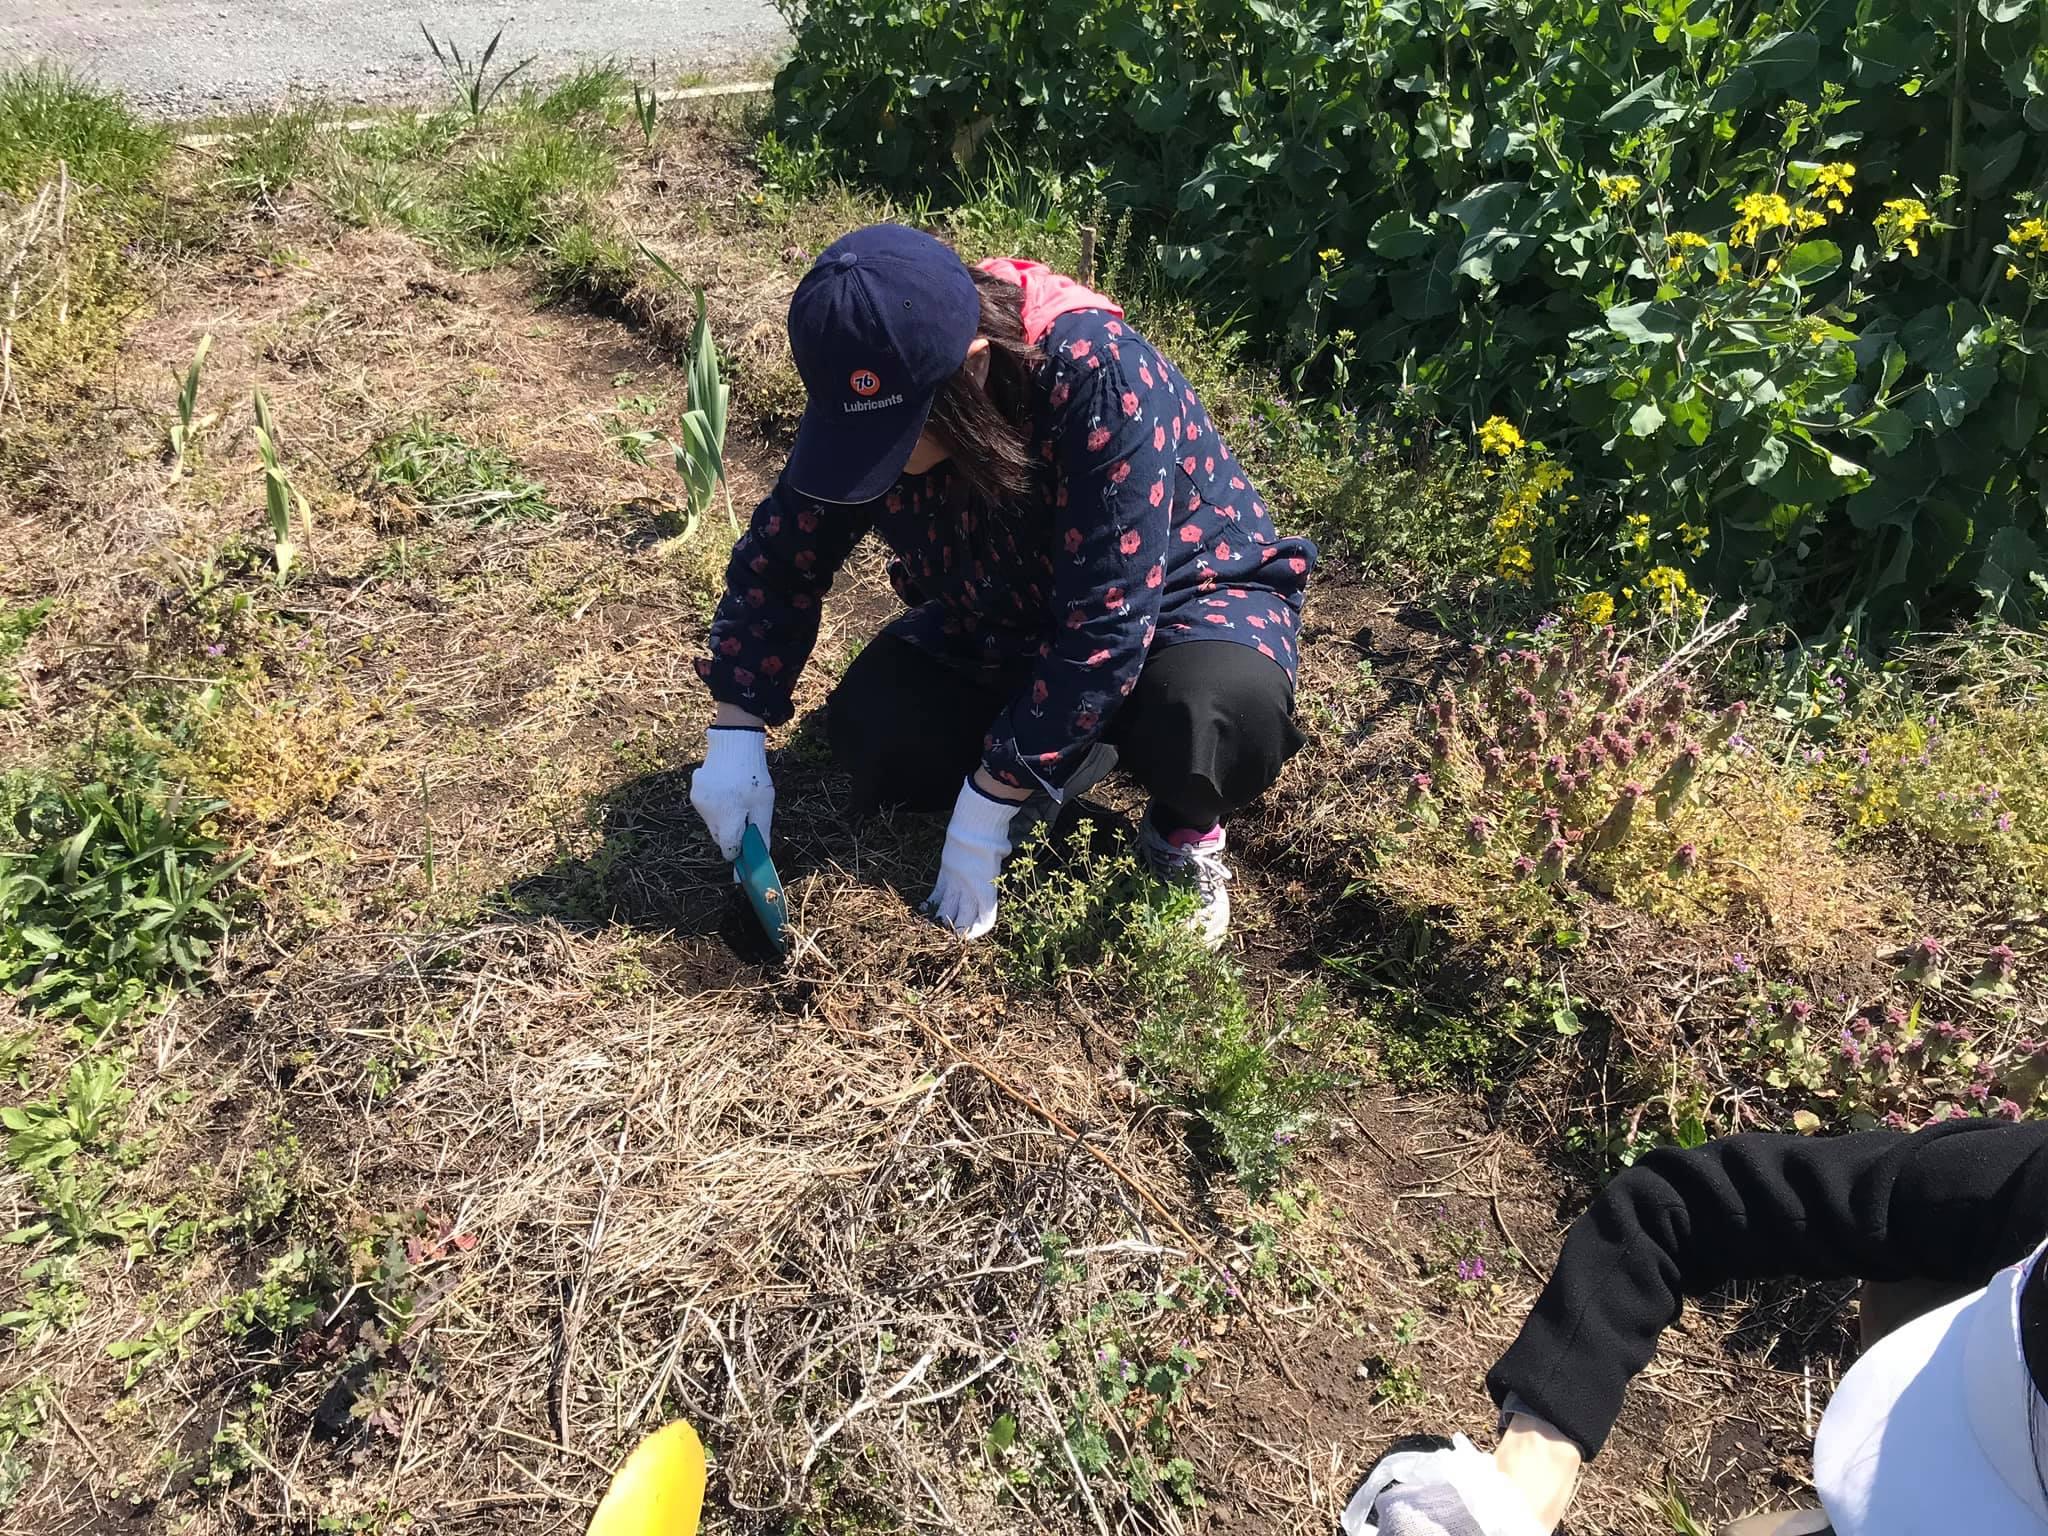 種を降ろすために土の表面を削っているところ